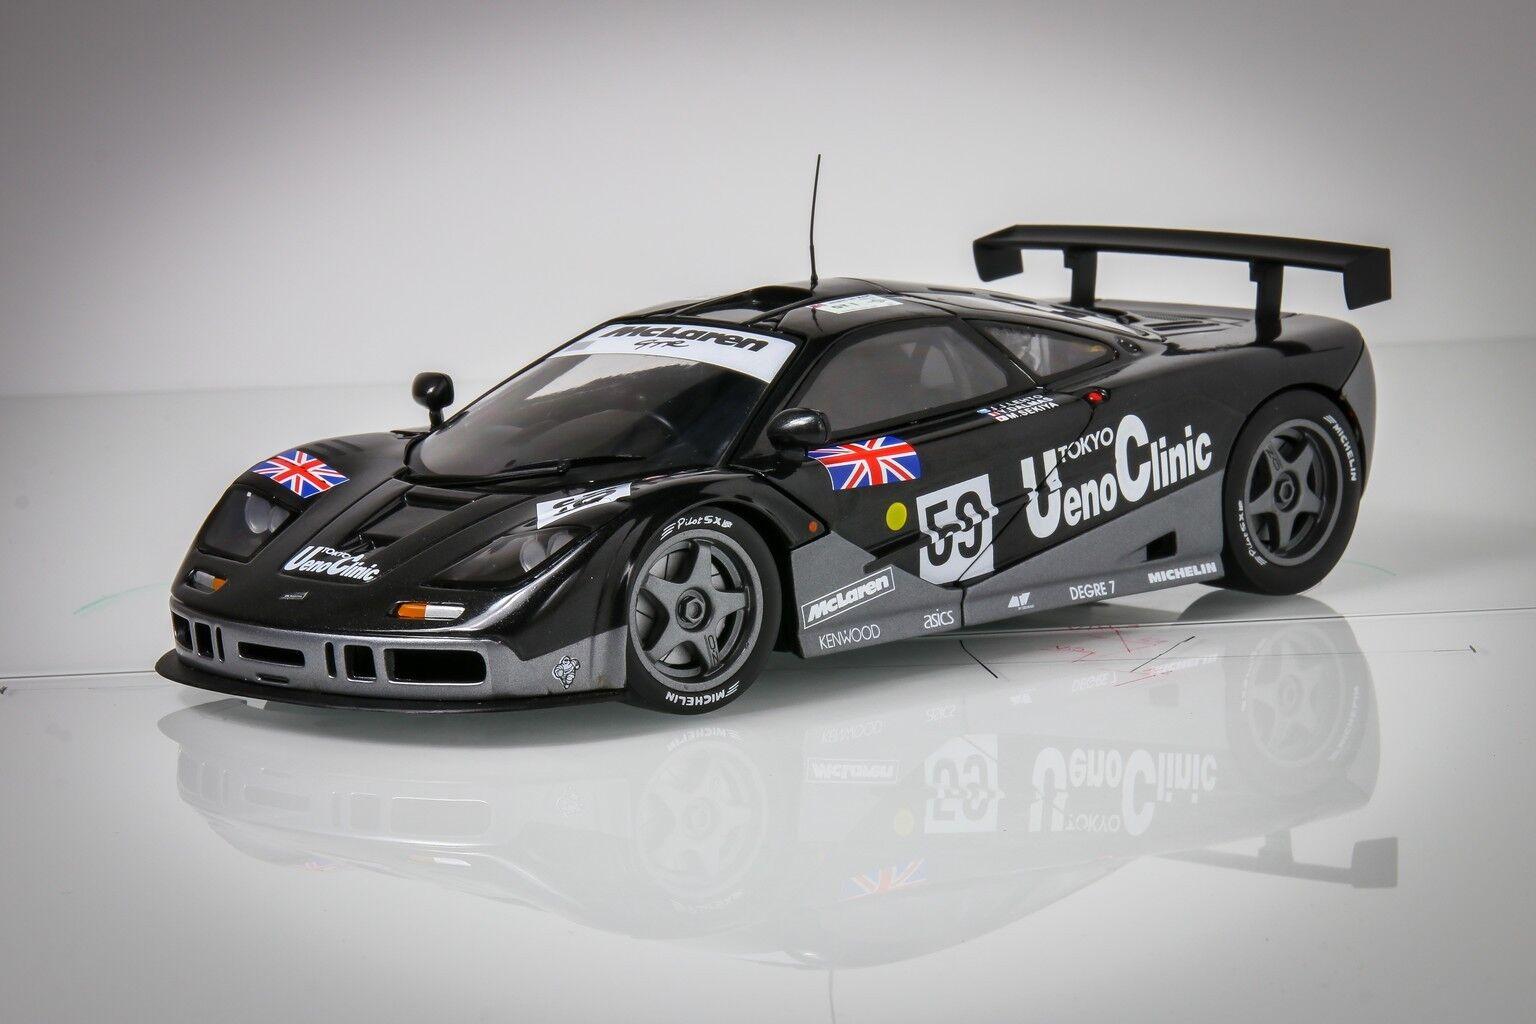 Ut MODELS 18709 McLaren f1 GTR Ueno Clinic WINNER LE MANS 1995   59, 1 18